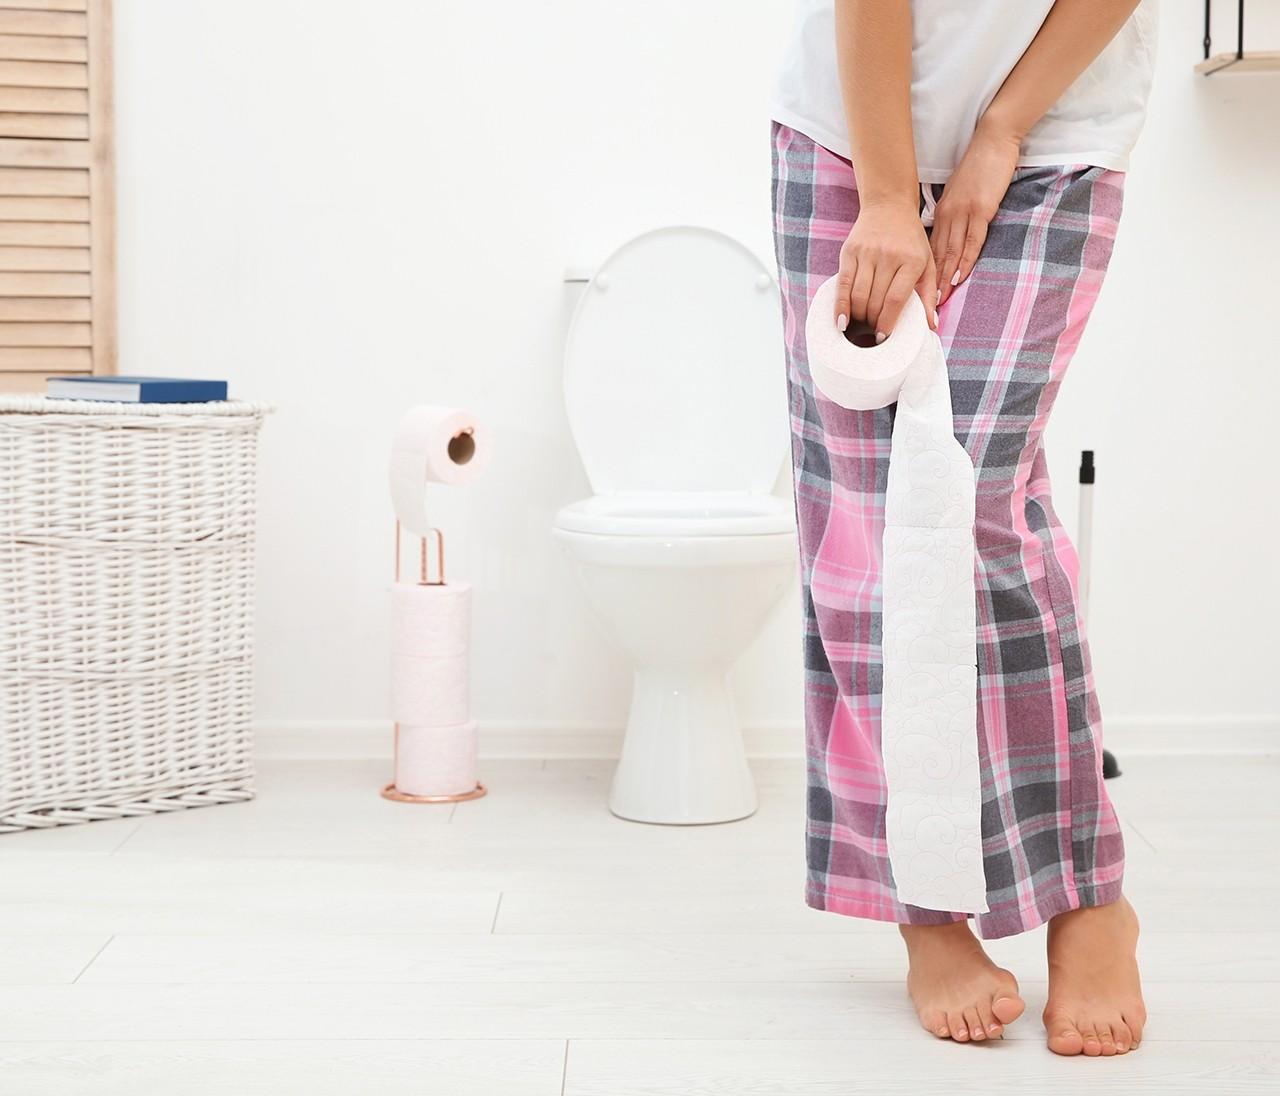 【女性のカラダ大百科】気になる尿もれや慢性的な便秘に関する悩み